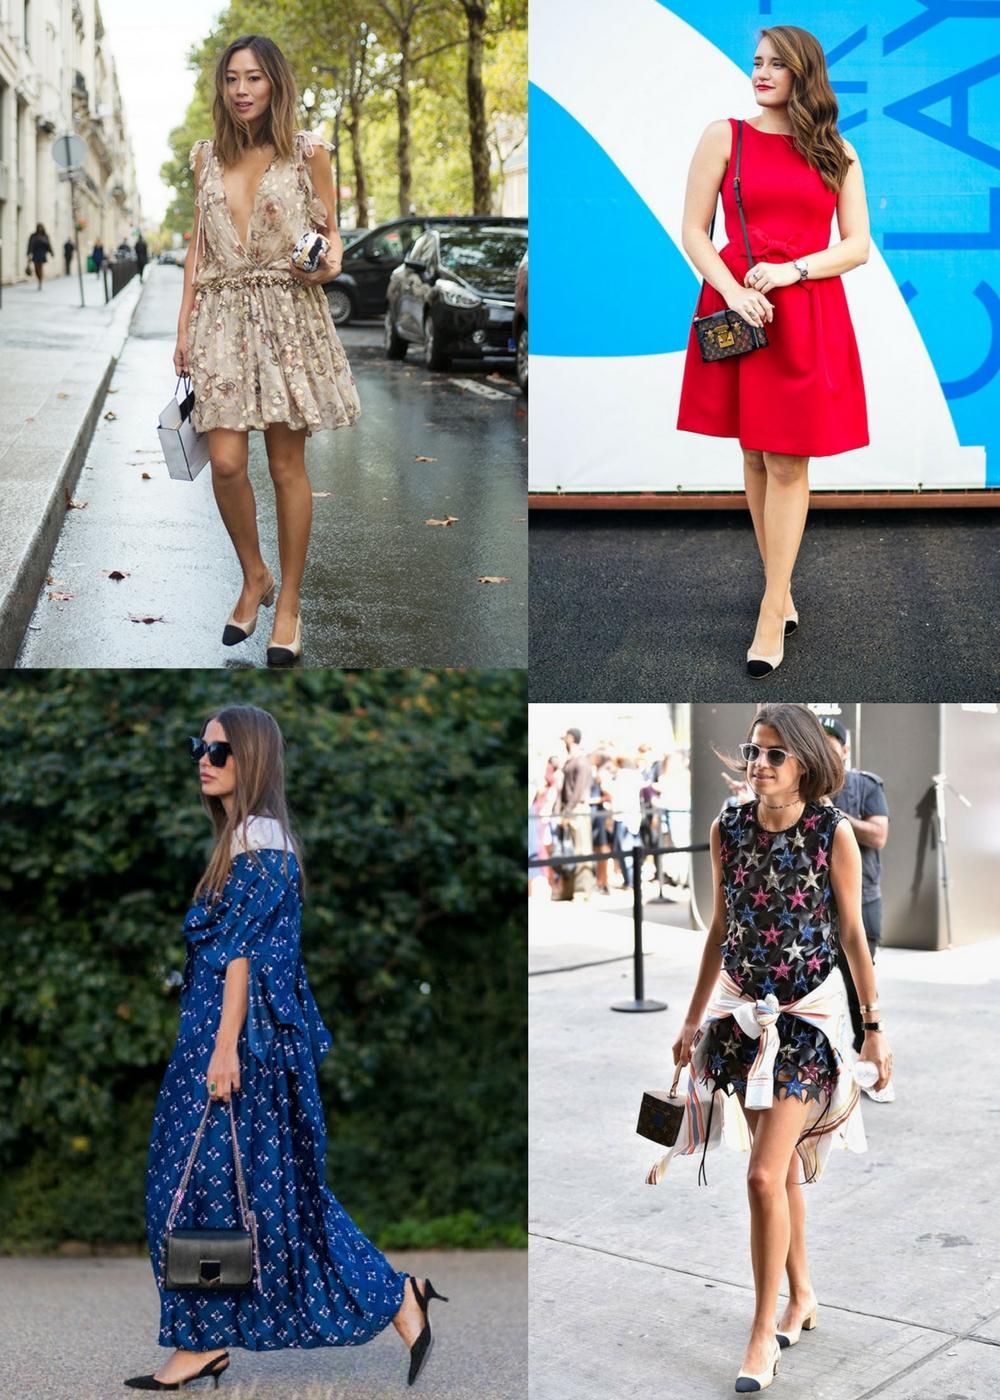 Tendência: Slingback, como usar com vestido e onde comprar - Carol Doria